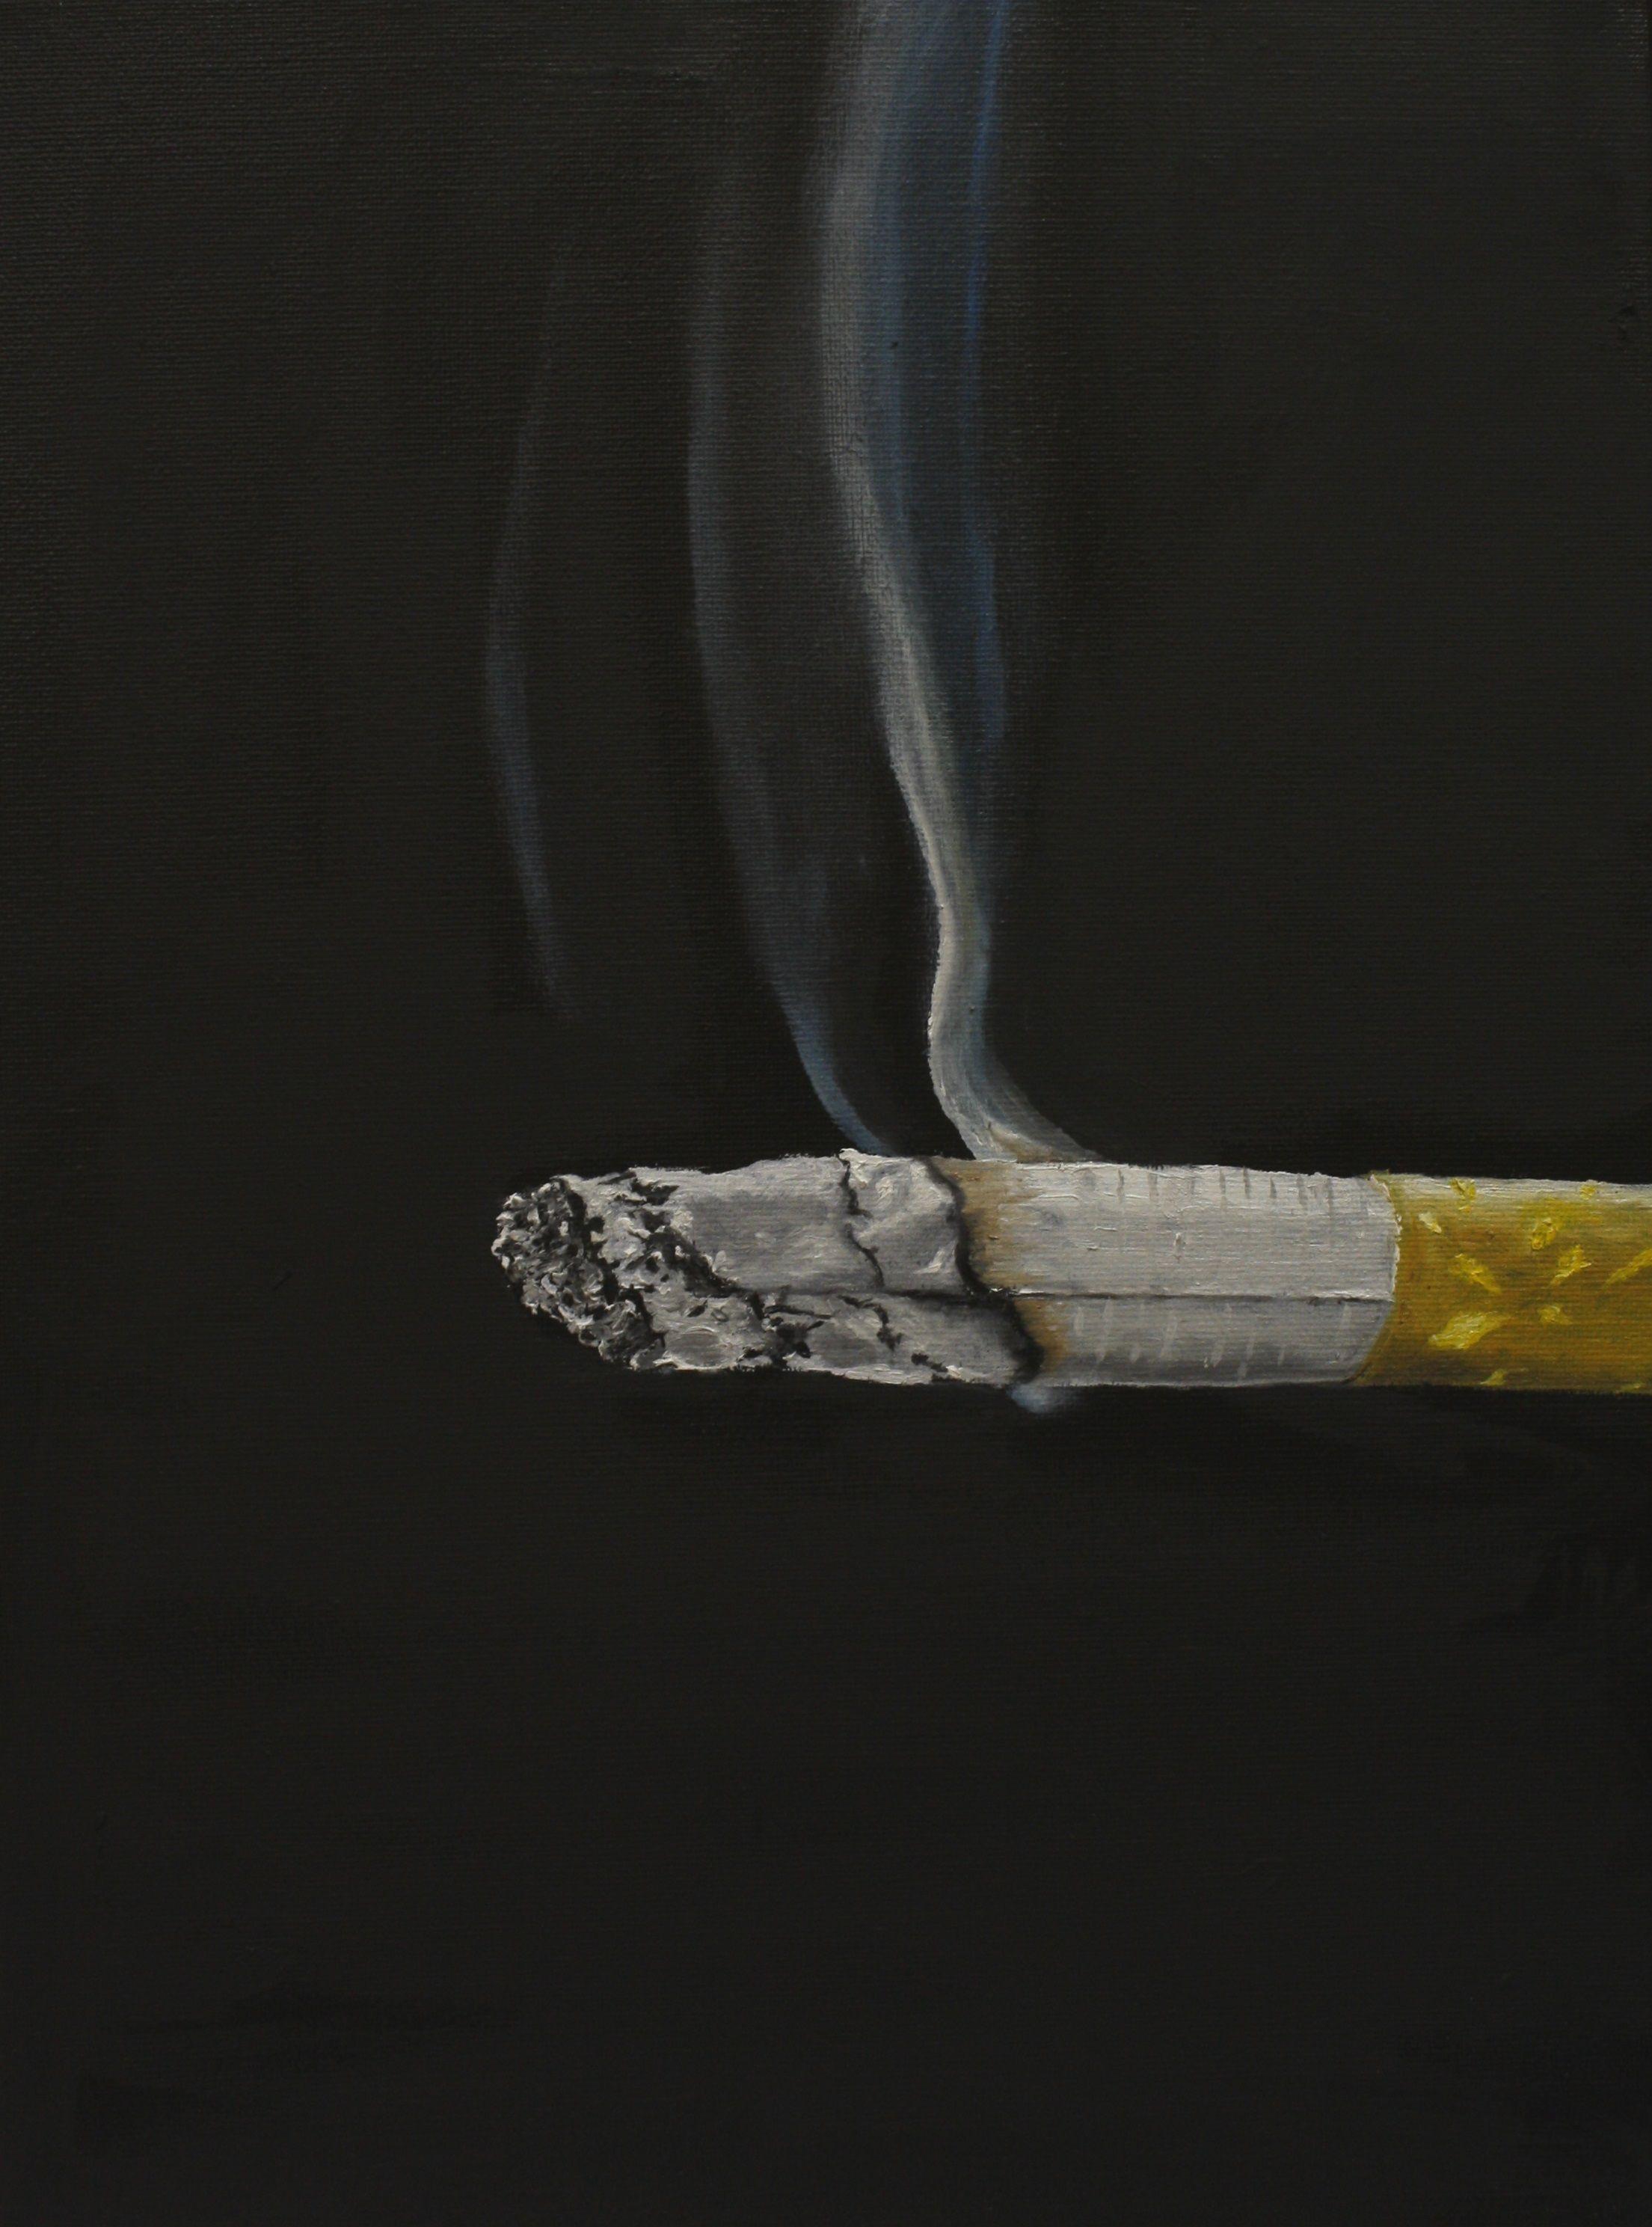 zigarette ol und acryl auf leinwand 30x40 cm etsy tie clip art accessories bild groß foto als